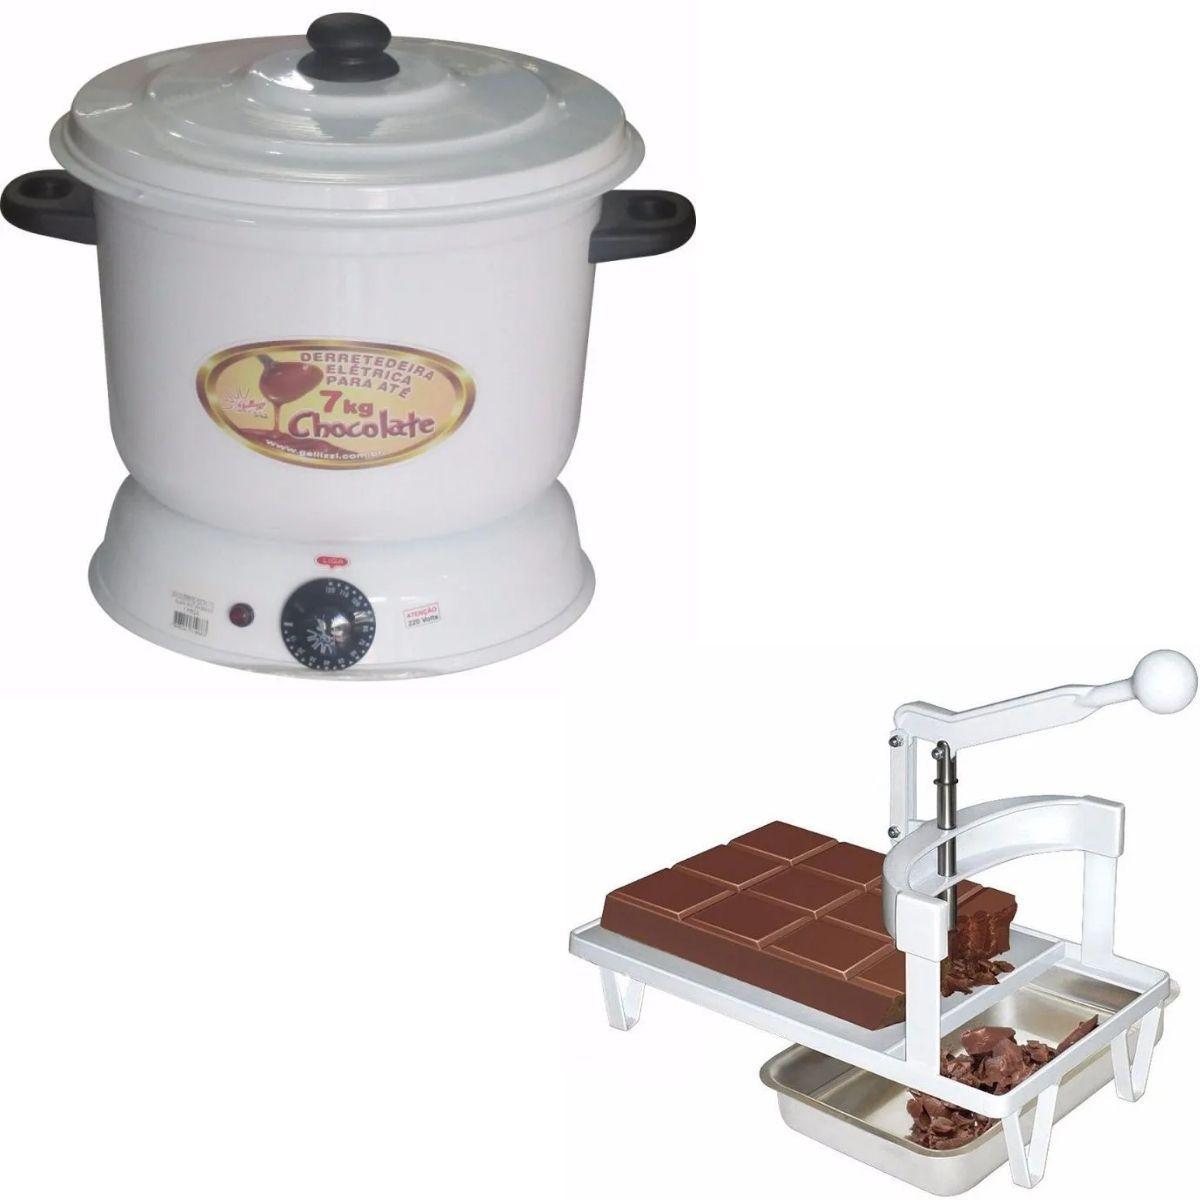 Kit Panela Derretedeira De Chocolate Elétrica Para Até 7kg Galizzi Branca 110v  + Picador e Triturador de Chocolate em Barra Manual Para Derretimento